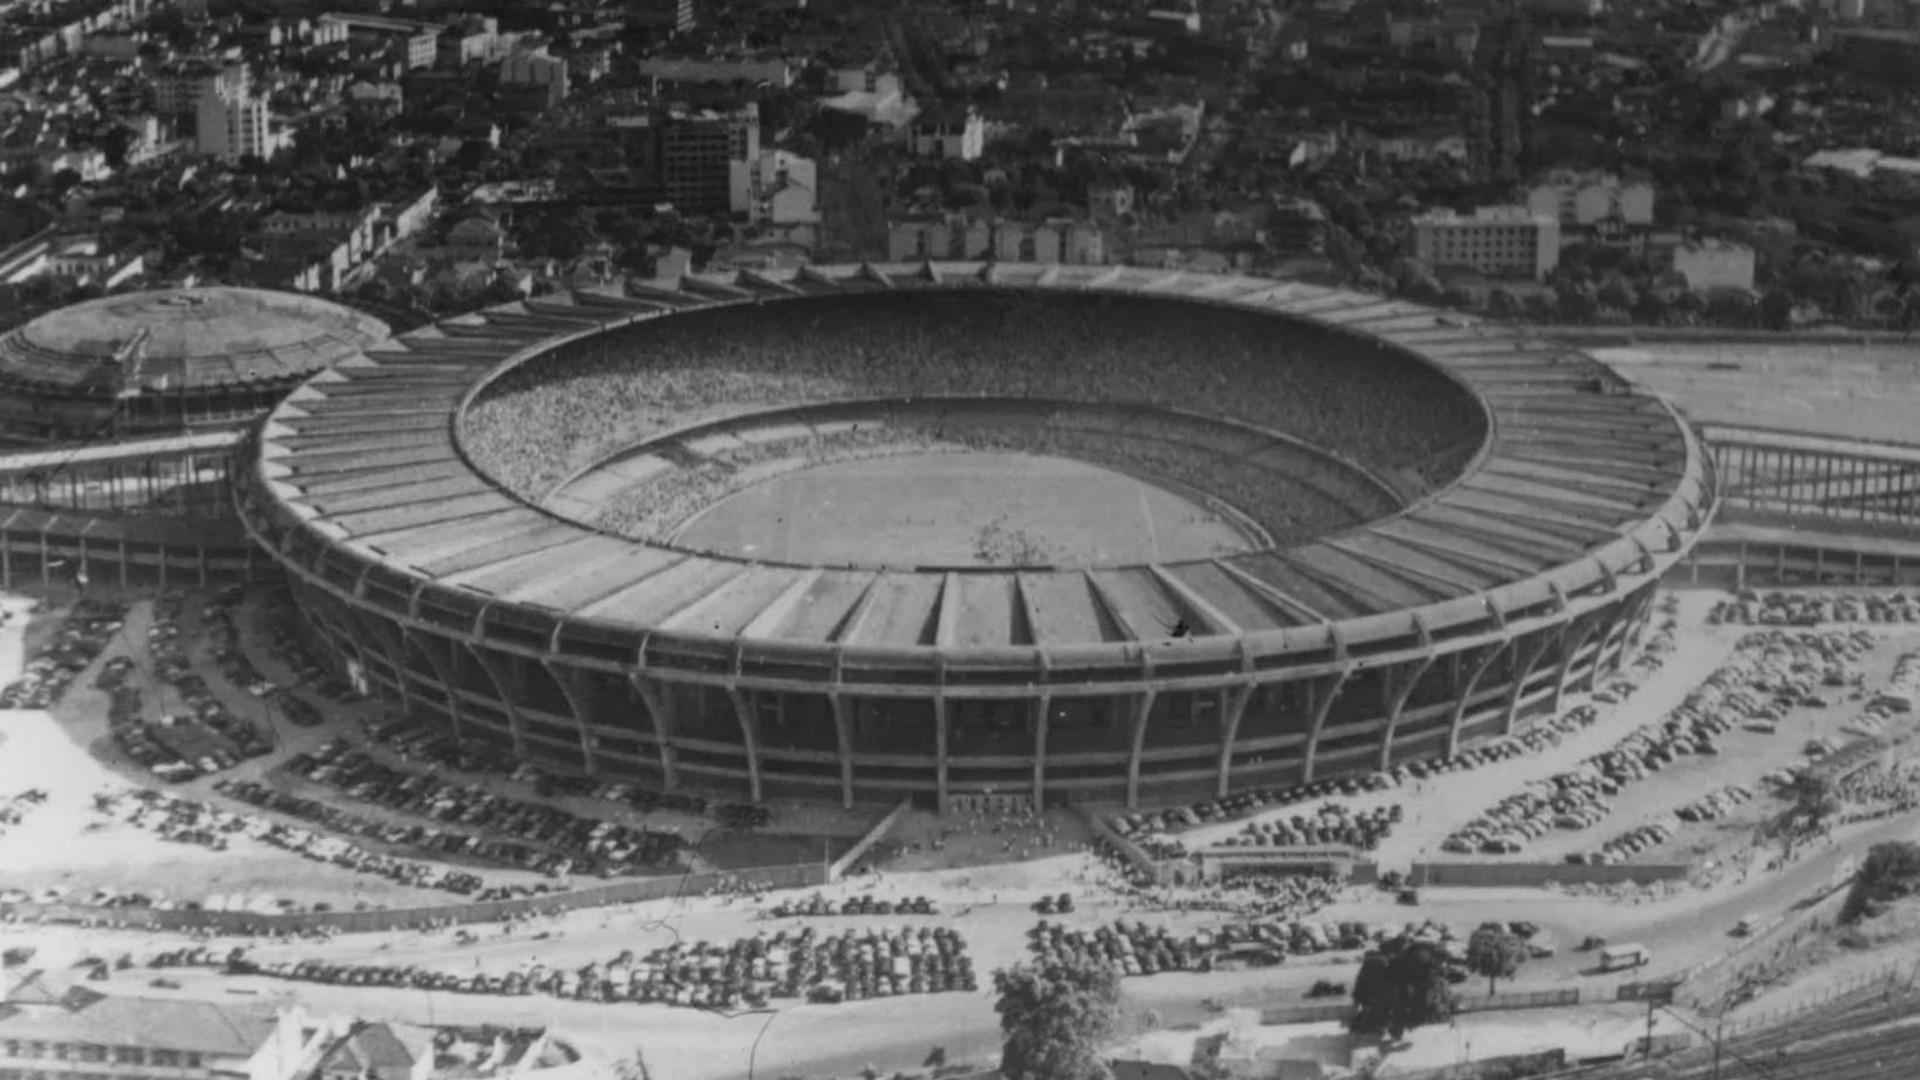 Estadio Maracana 1950